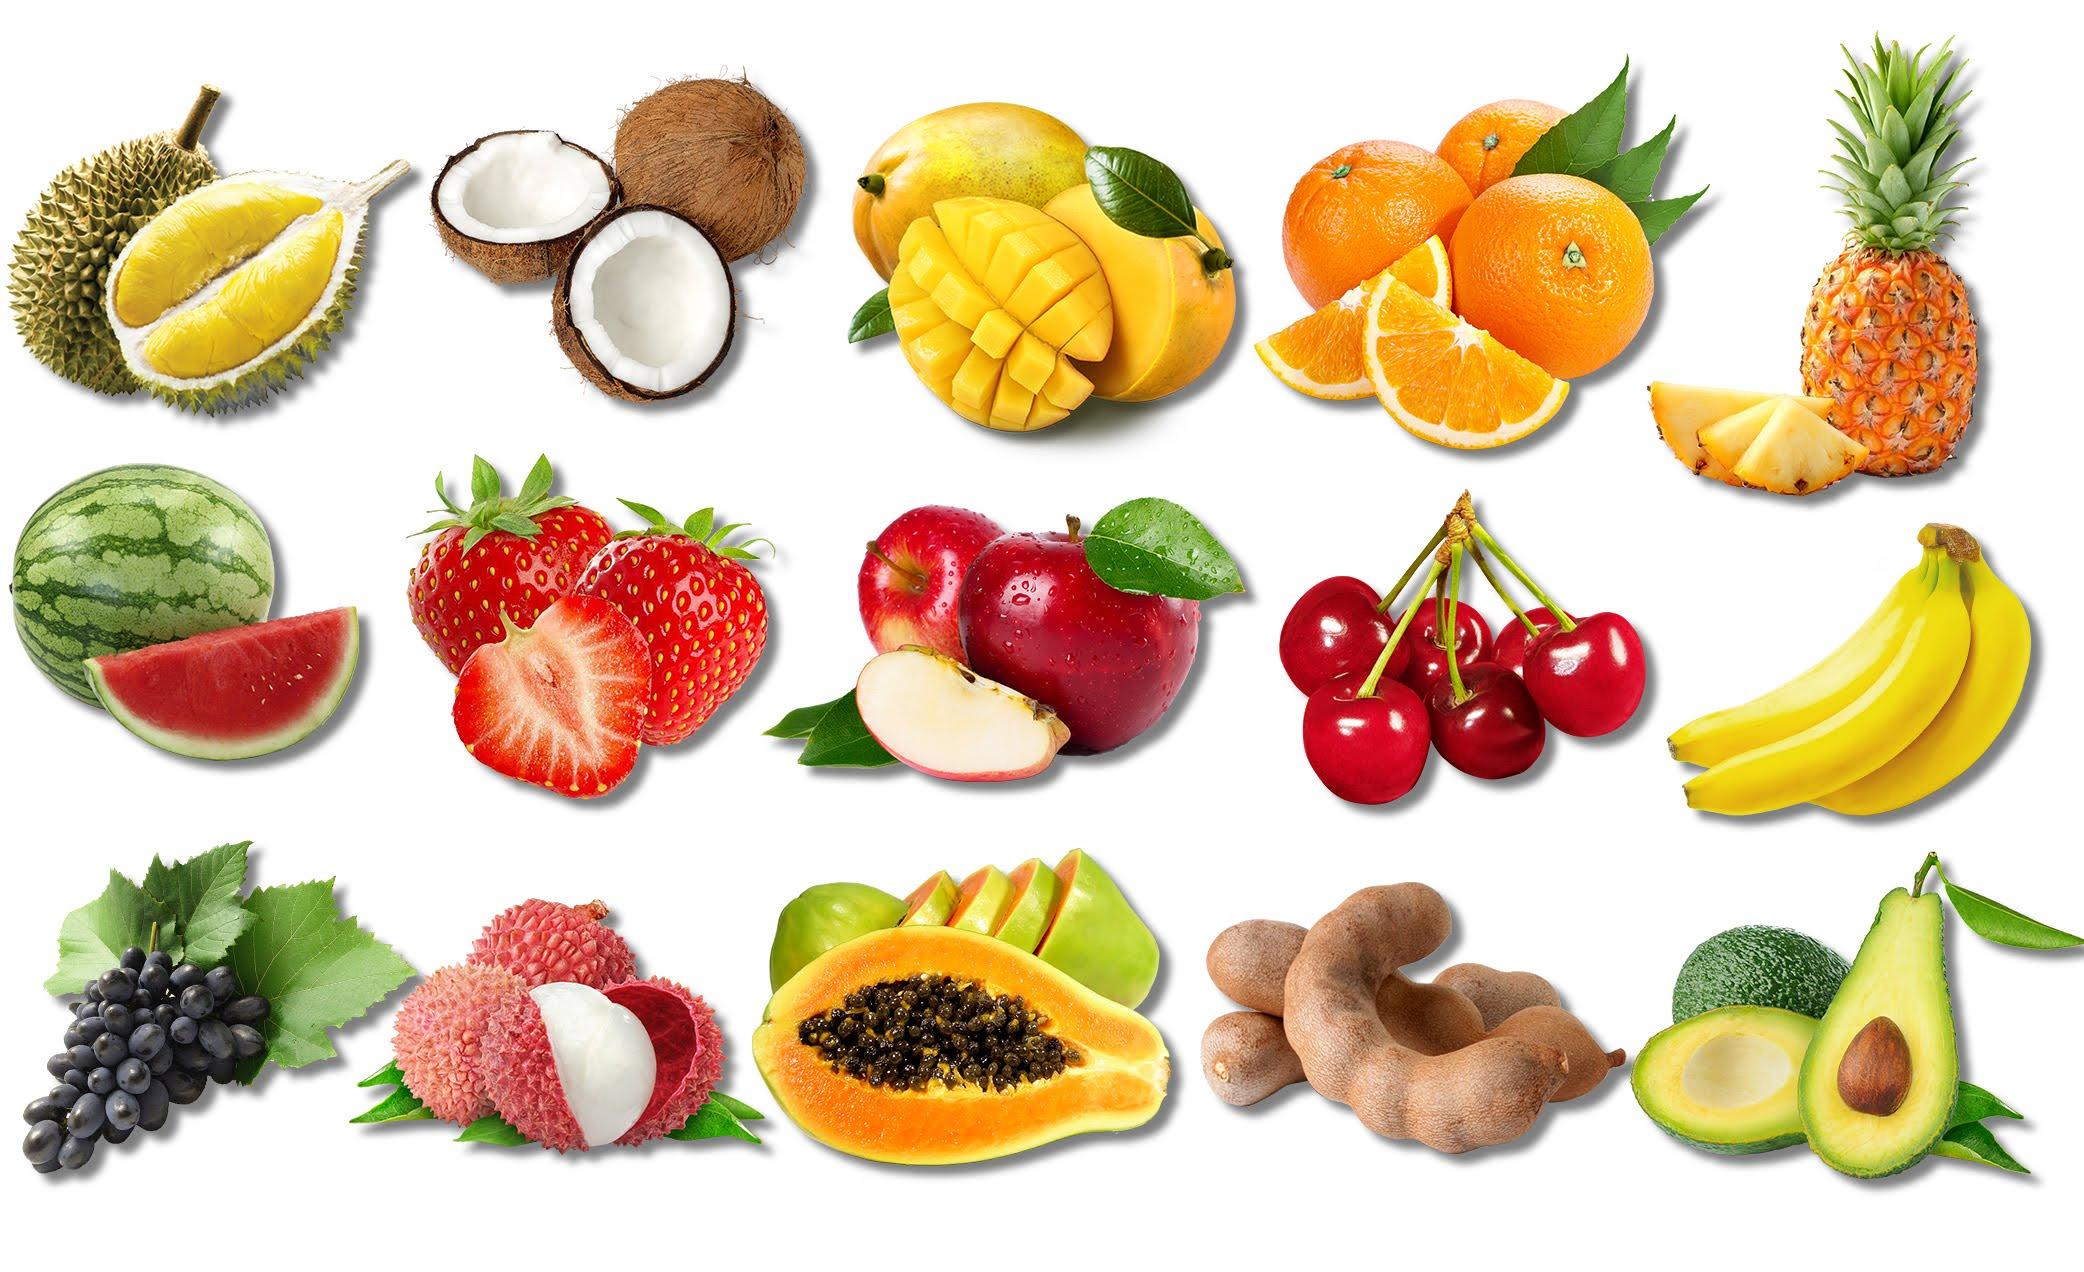 Nhận vận chuyển đảm bảo nhanh chóng đối với các loại hàng trái cây